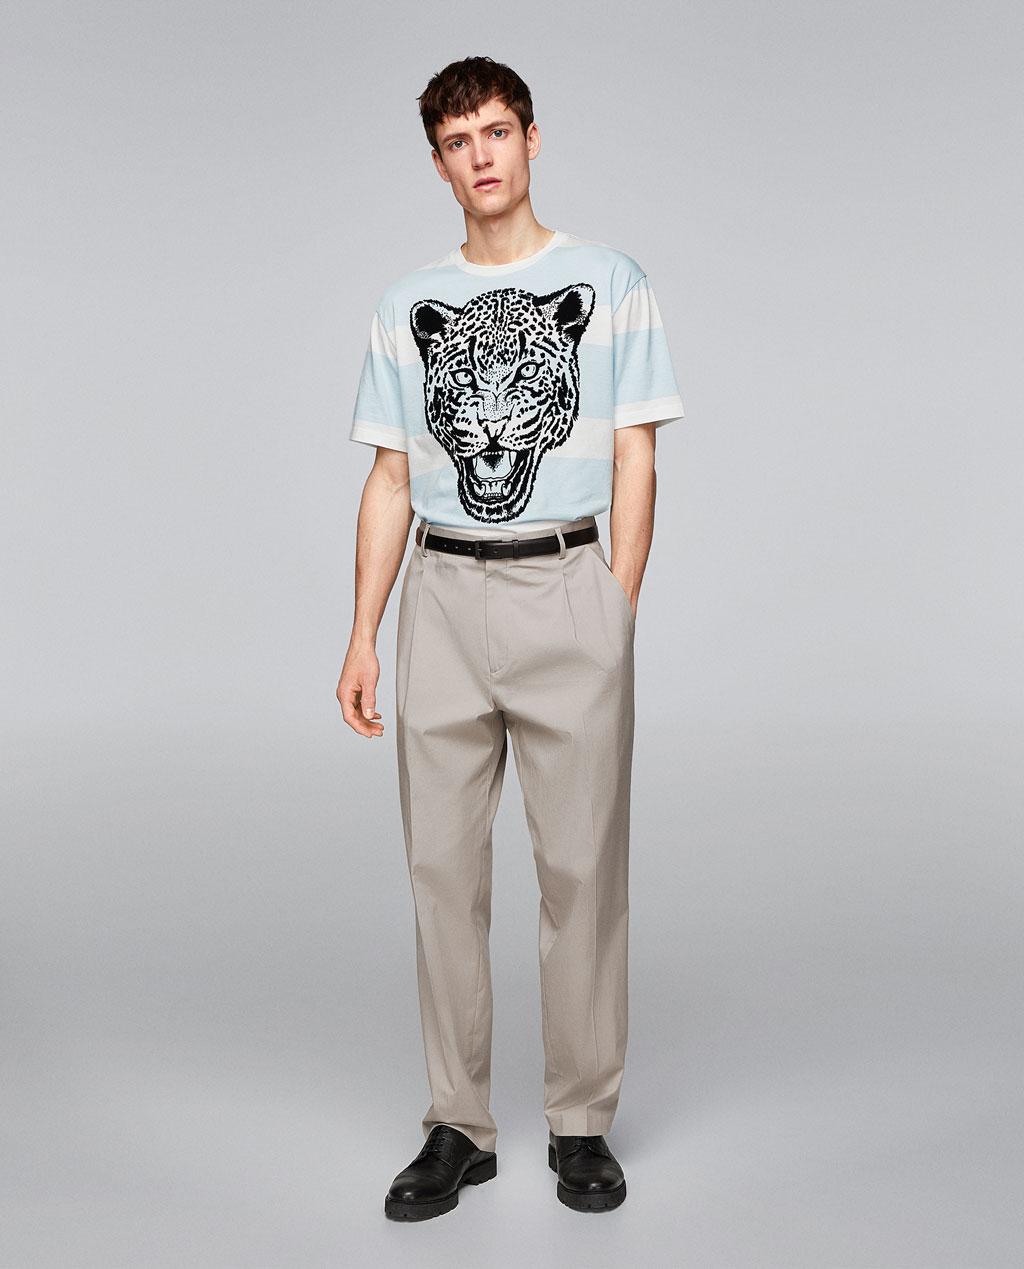 Thời trang nam Zara  24087 - ảnh 3